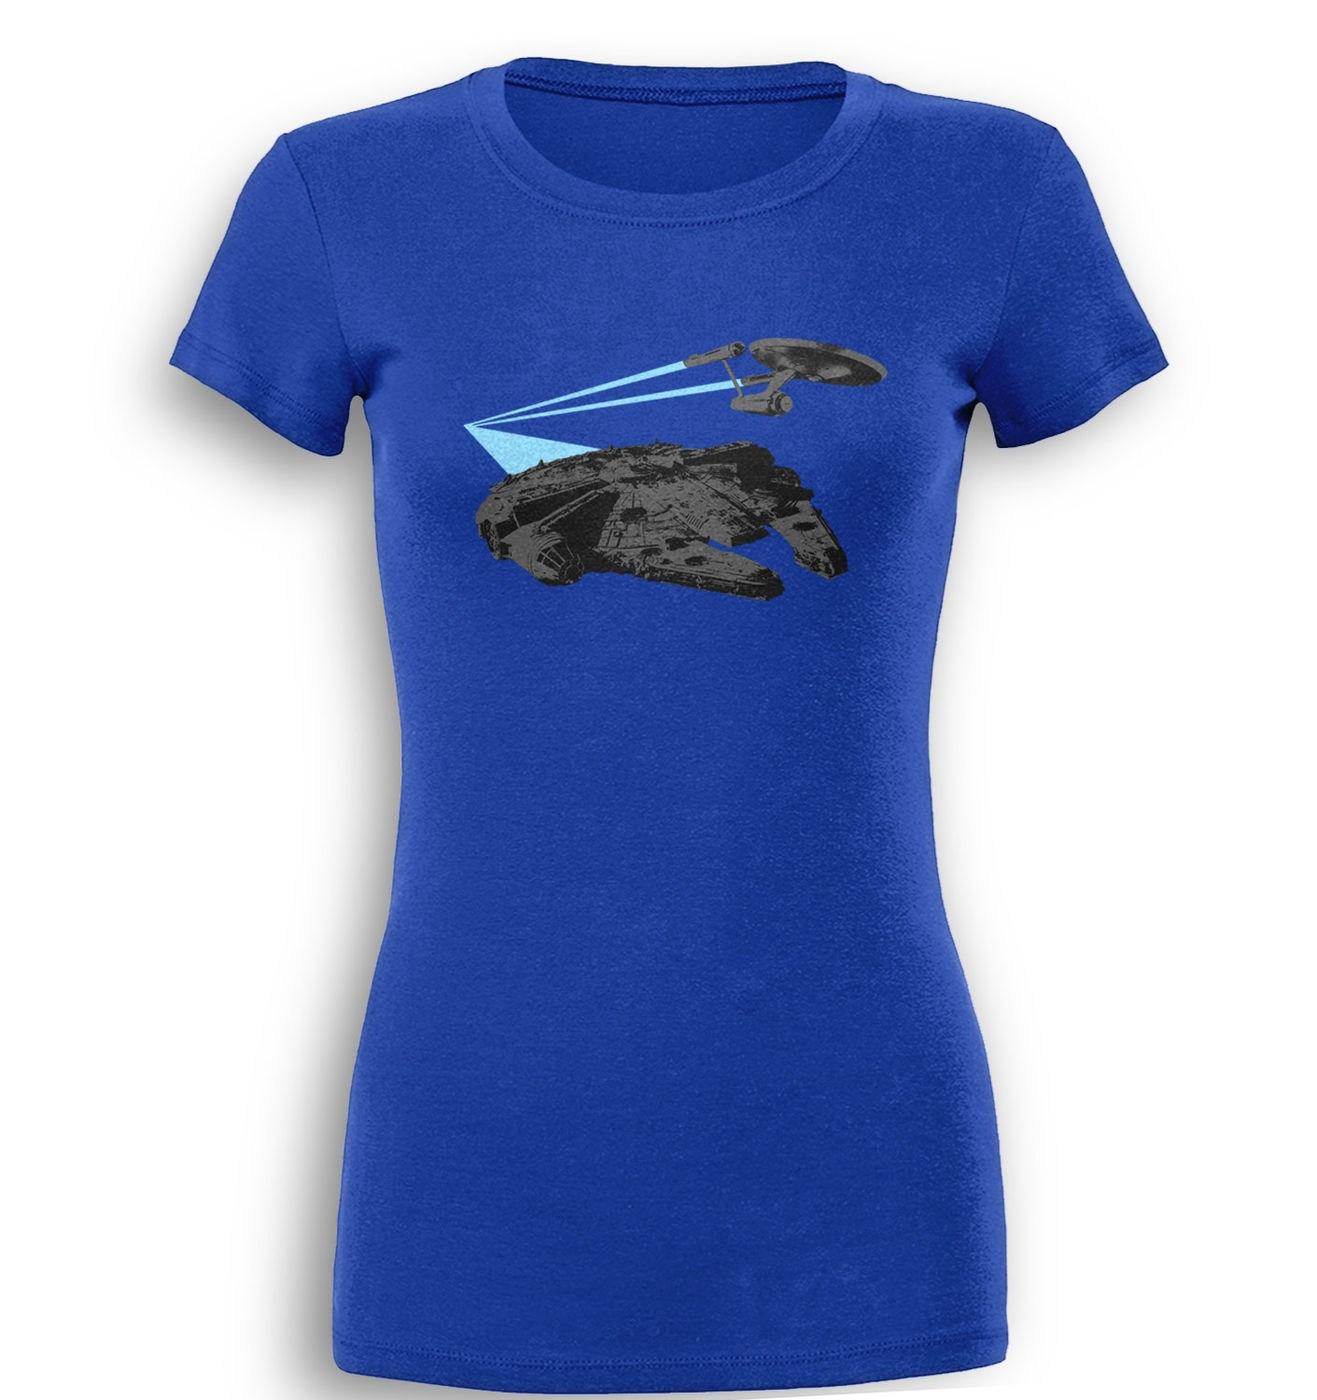 Falcon vs Enterprise premium womens t-shirt by Something Geeky